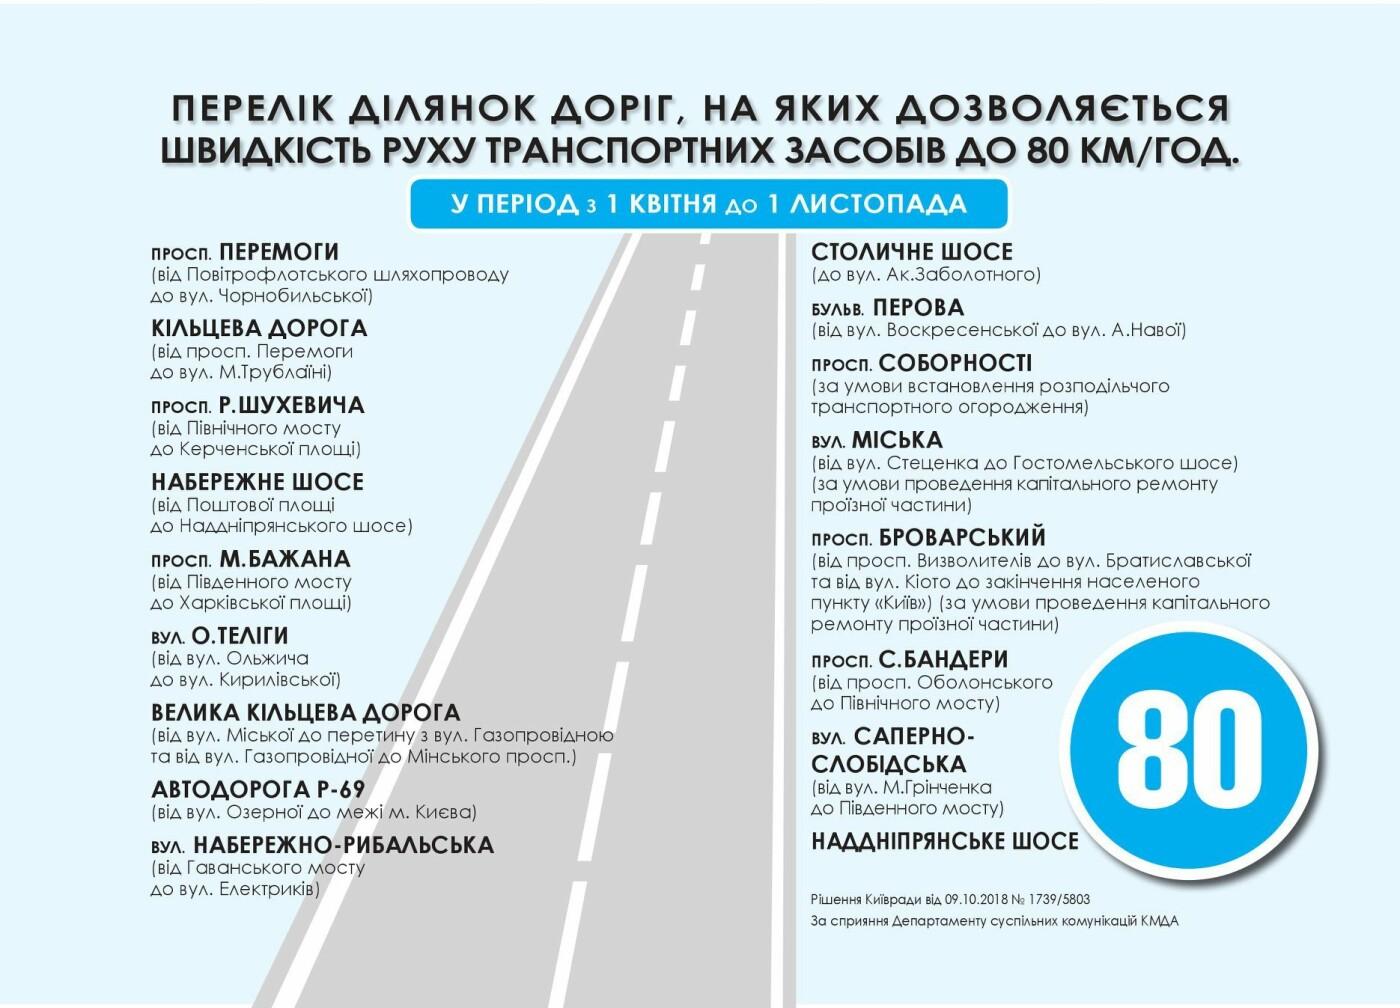 Киевским водителям разрешили разгоняться до 80 км в час, - СПИСОК УЛИЦ, фото-1